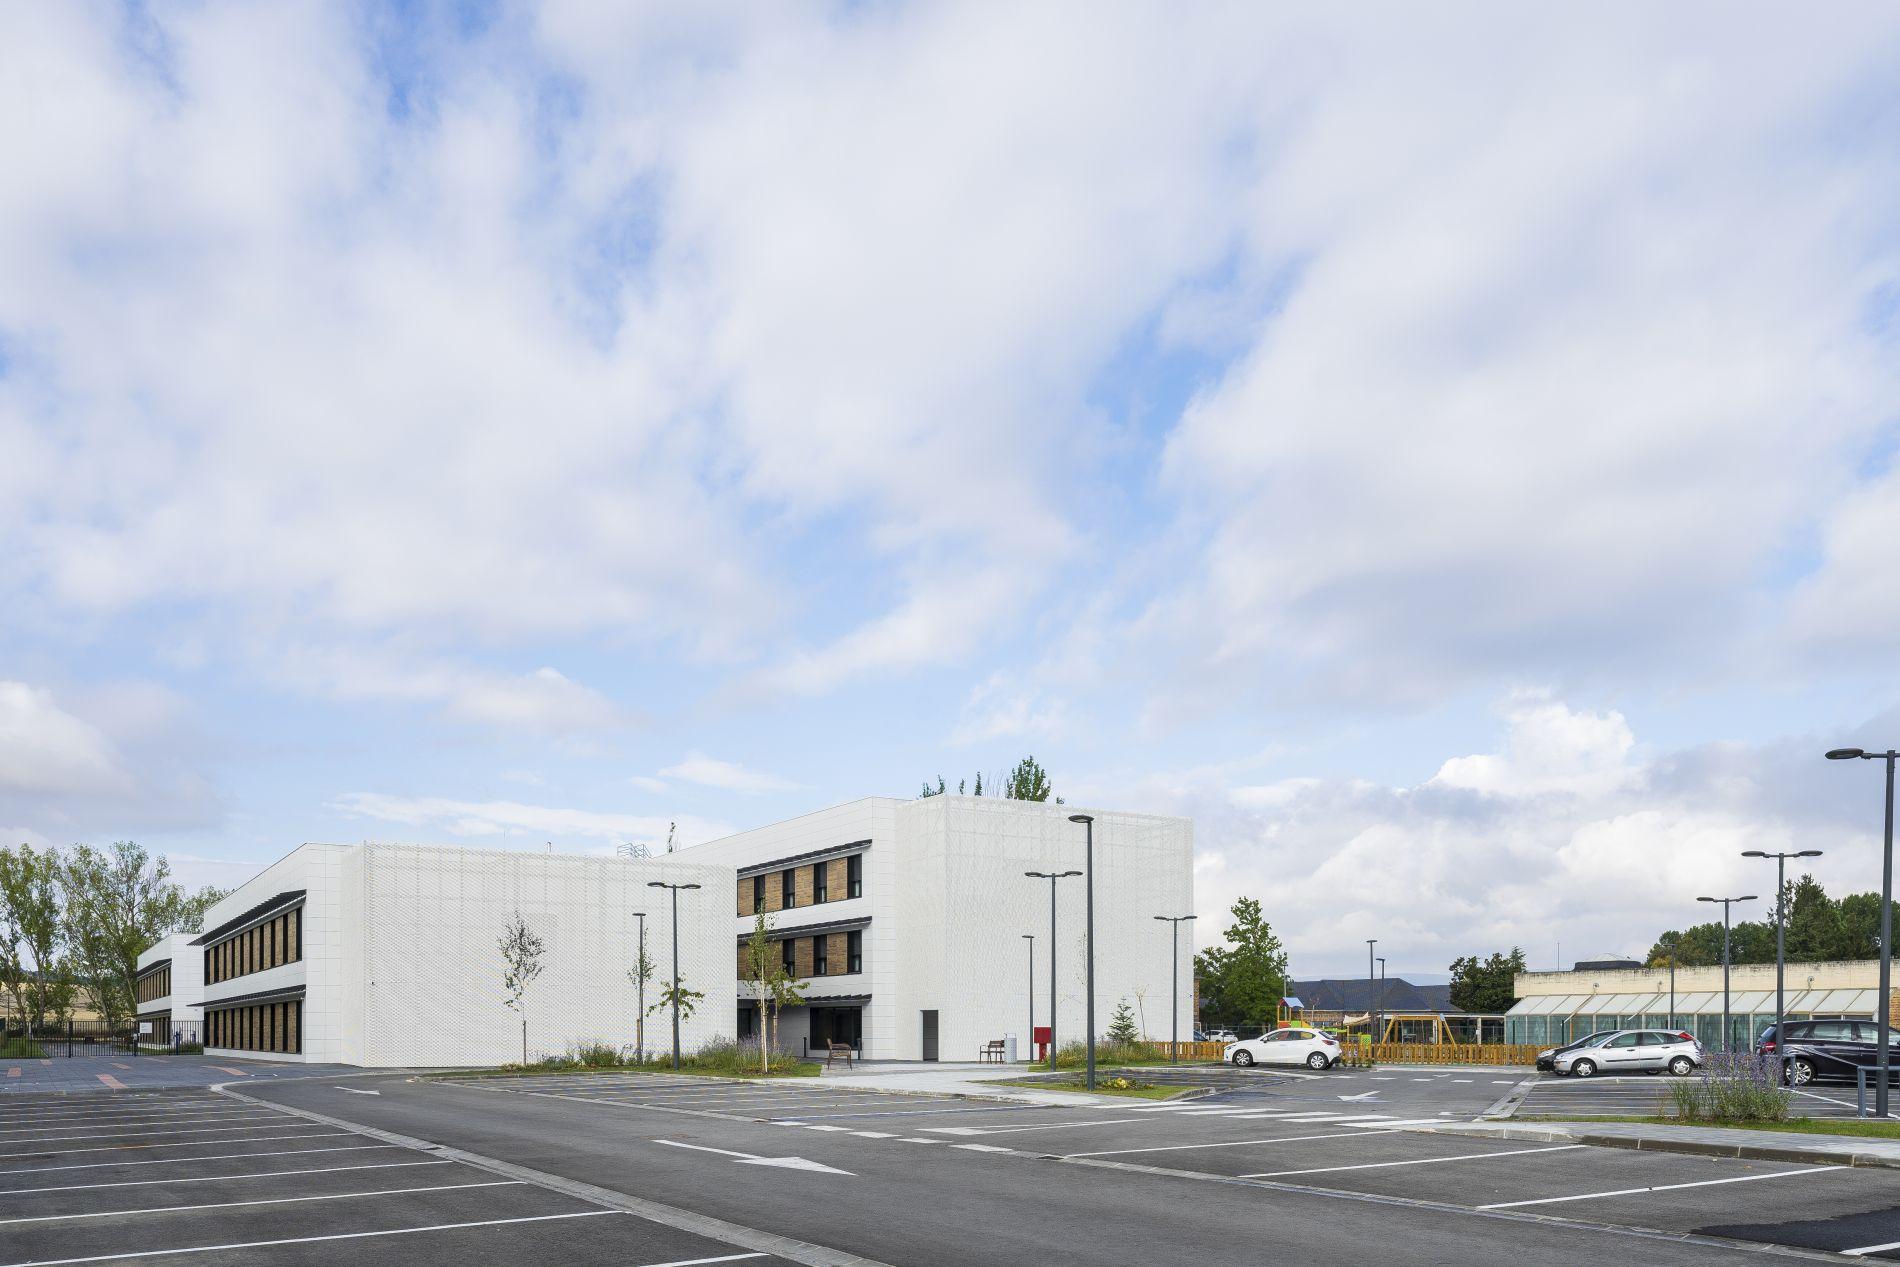 Fiark - Centro socio sanitario en Zizur 2